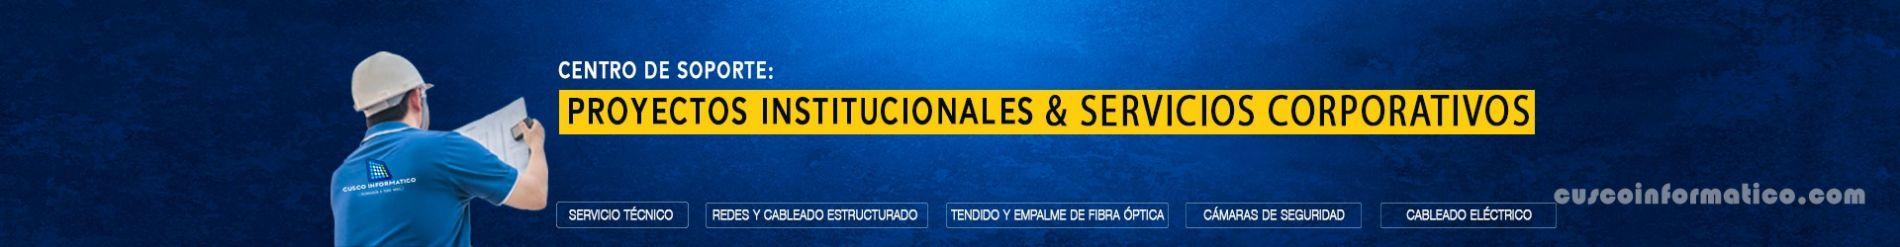 Soporte tecnico en Cusco